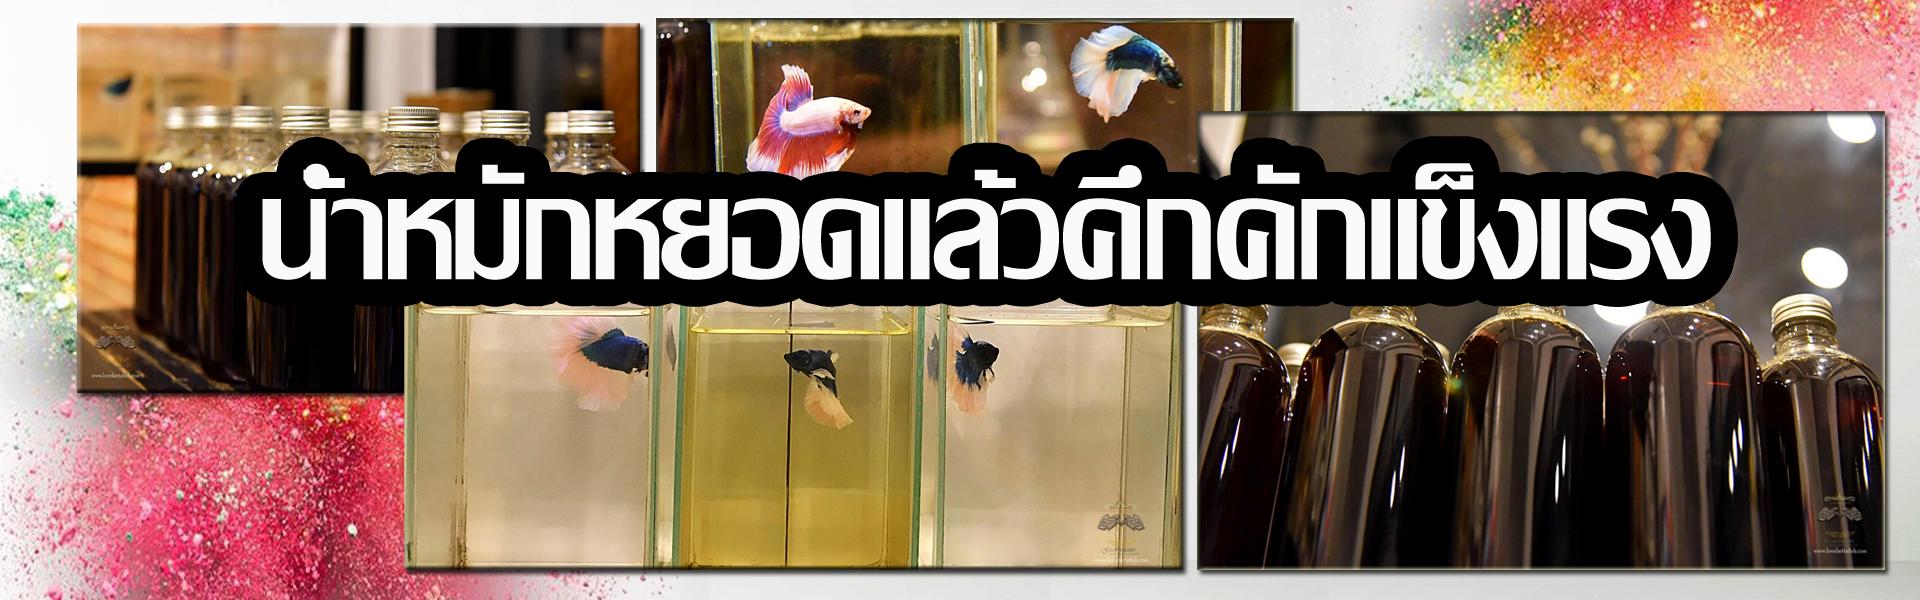 น้ำหมักใบหูกวางสูตรเข้มข้น LoveBettaFish